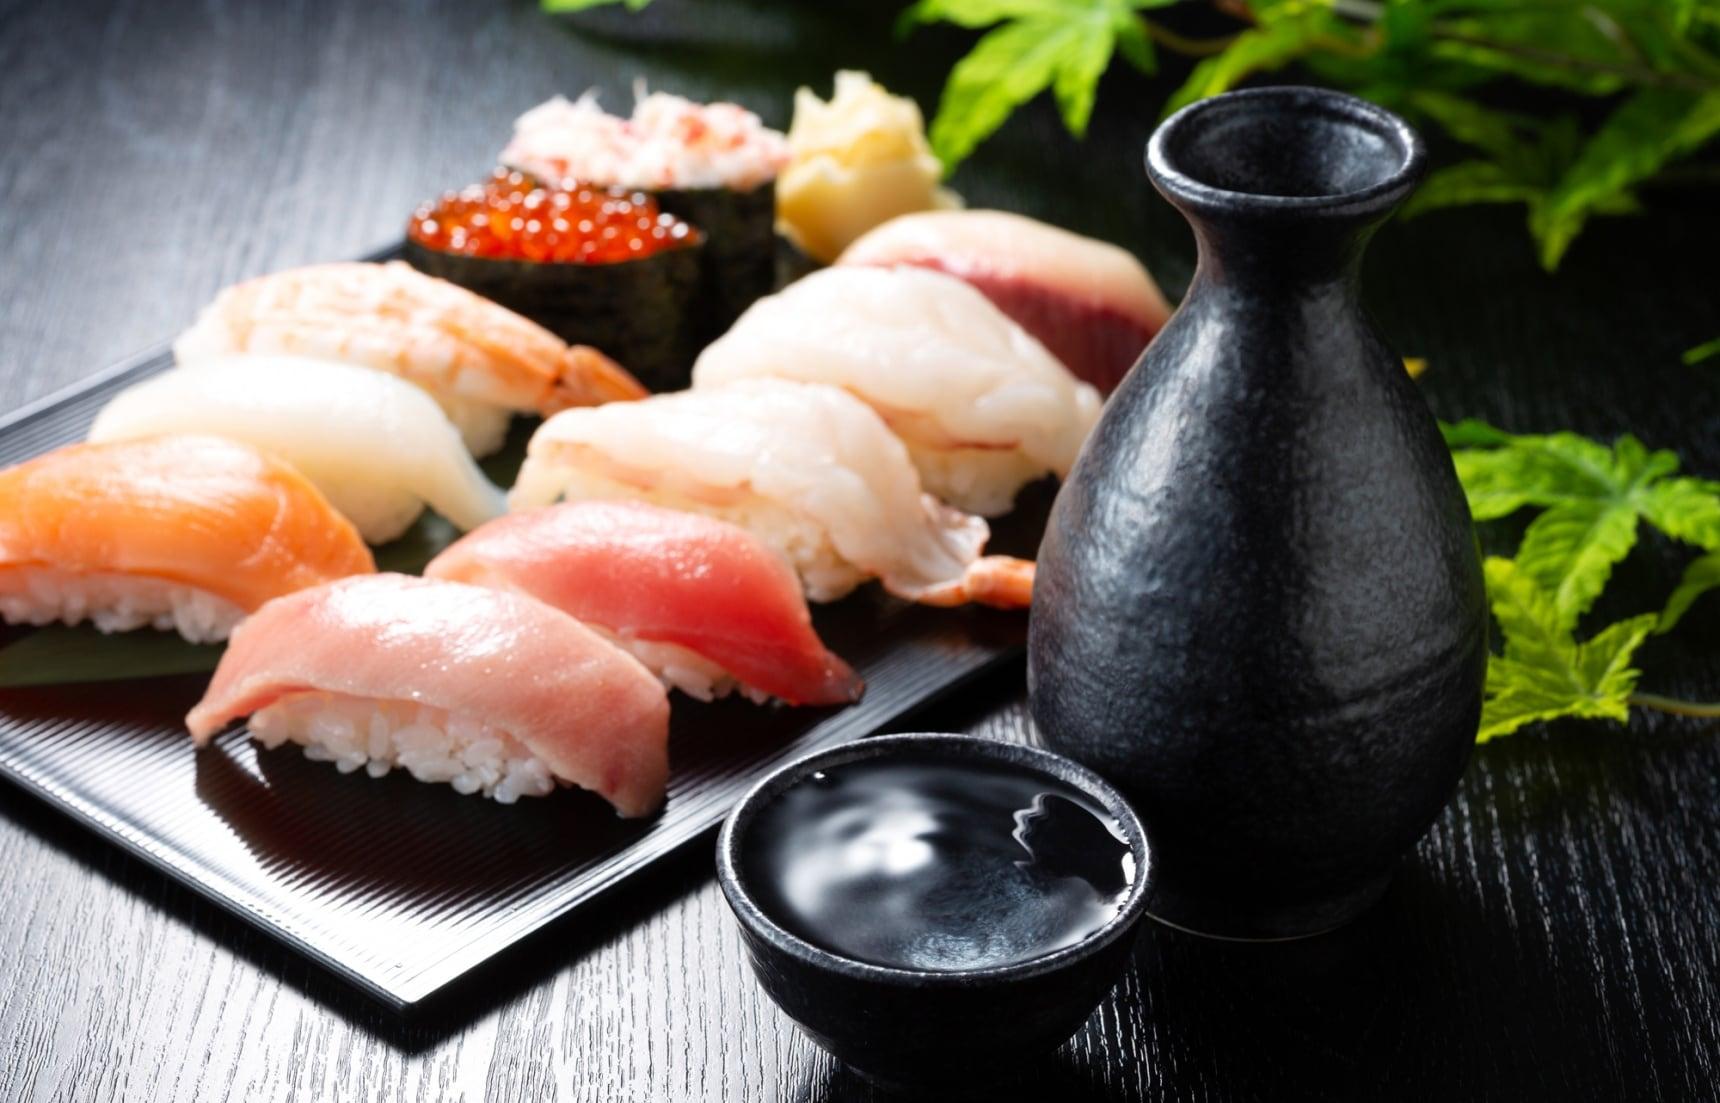 日本酒的前世今生:醇香口感背后你不知道的全球化大碰撞